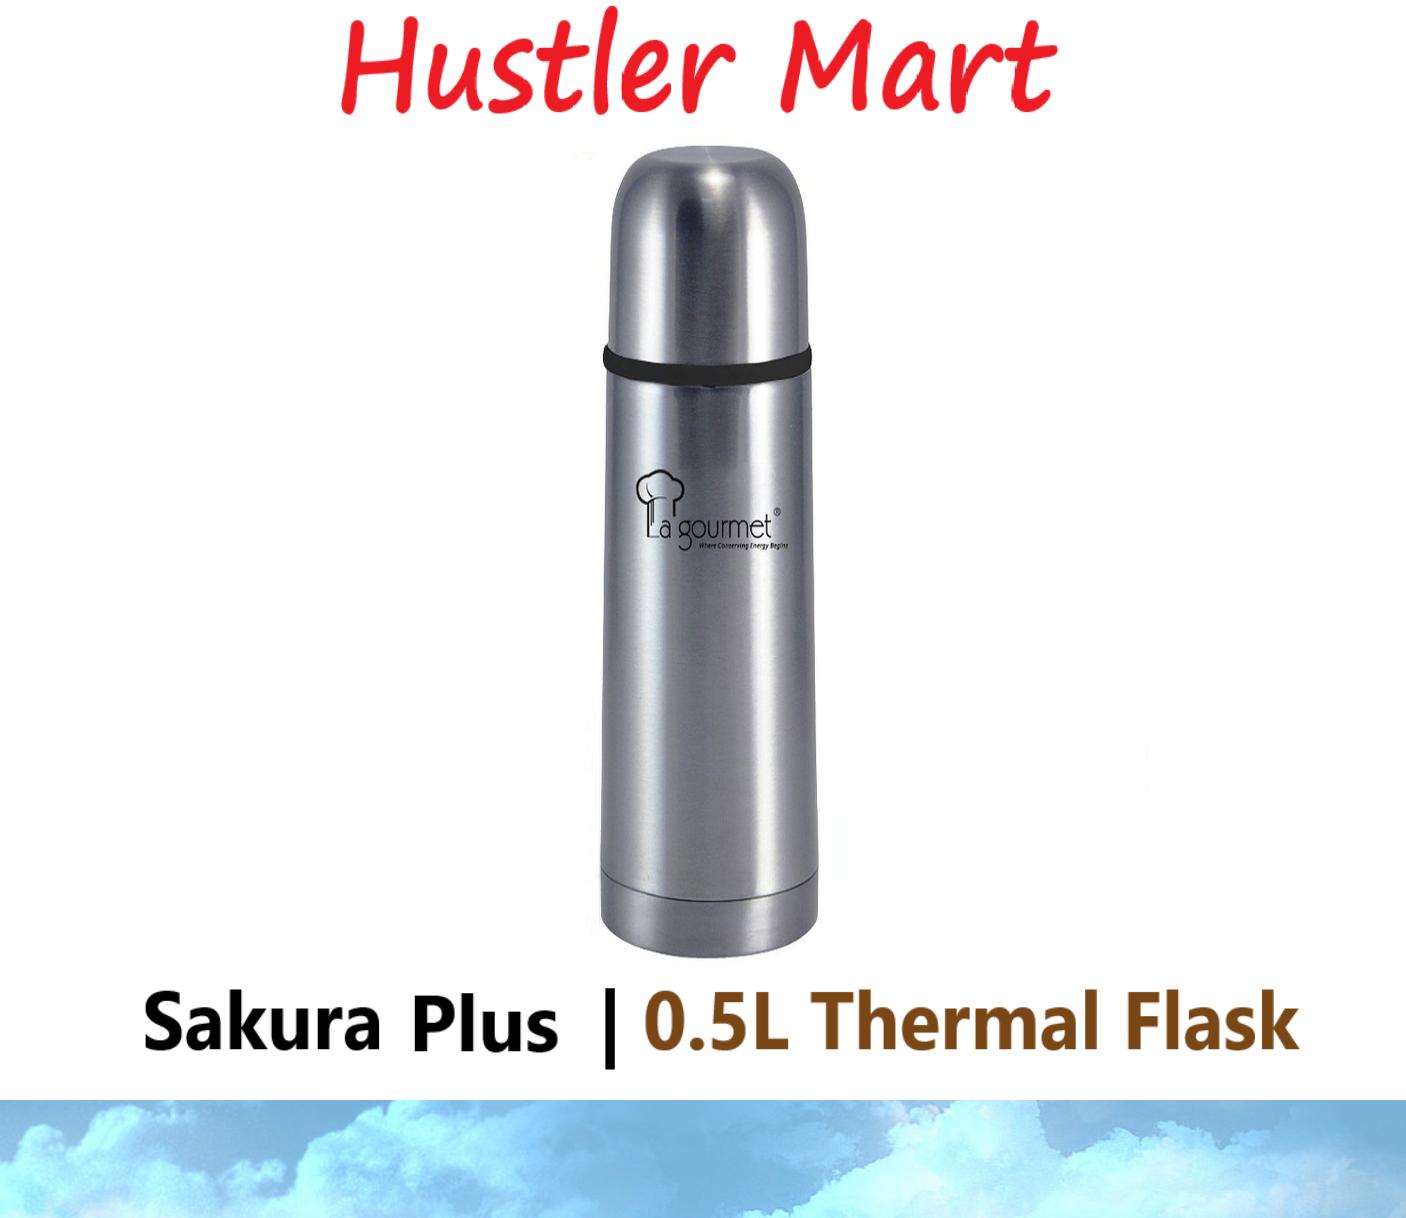 La gourmet Sakura Japan 0.5L Thermal Flask - Gun Metal